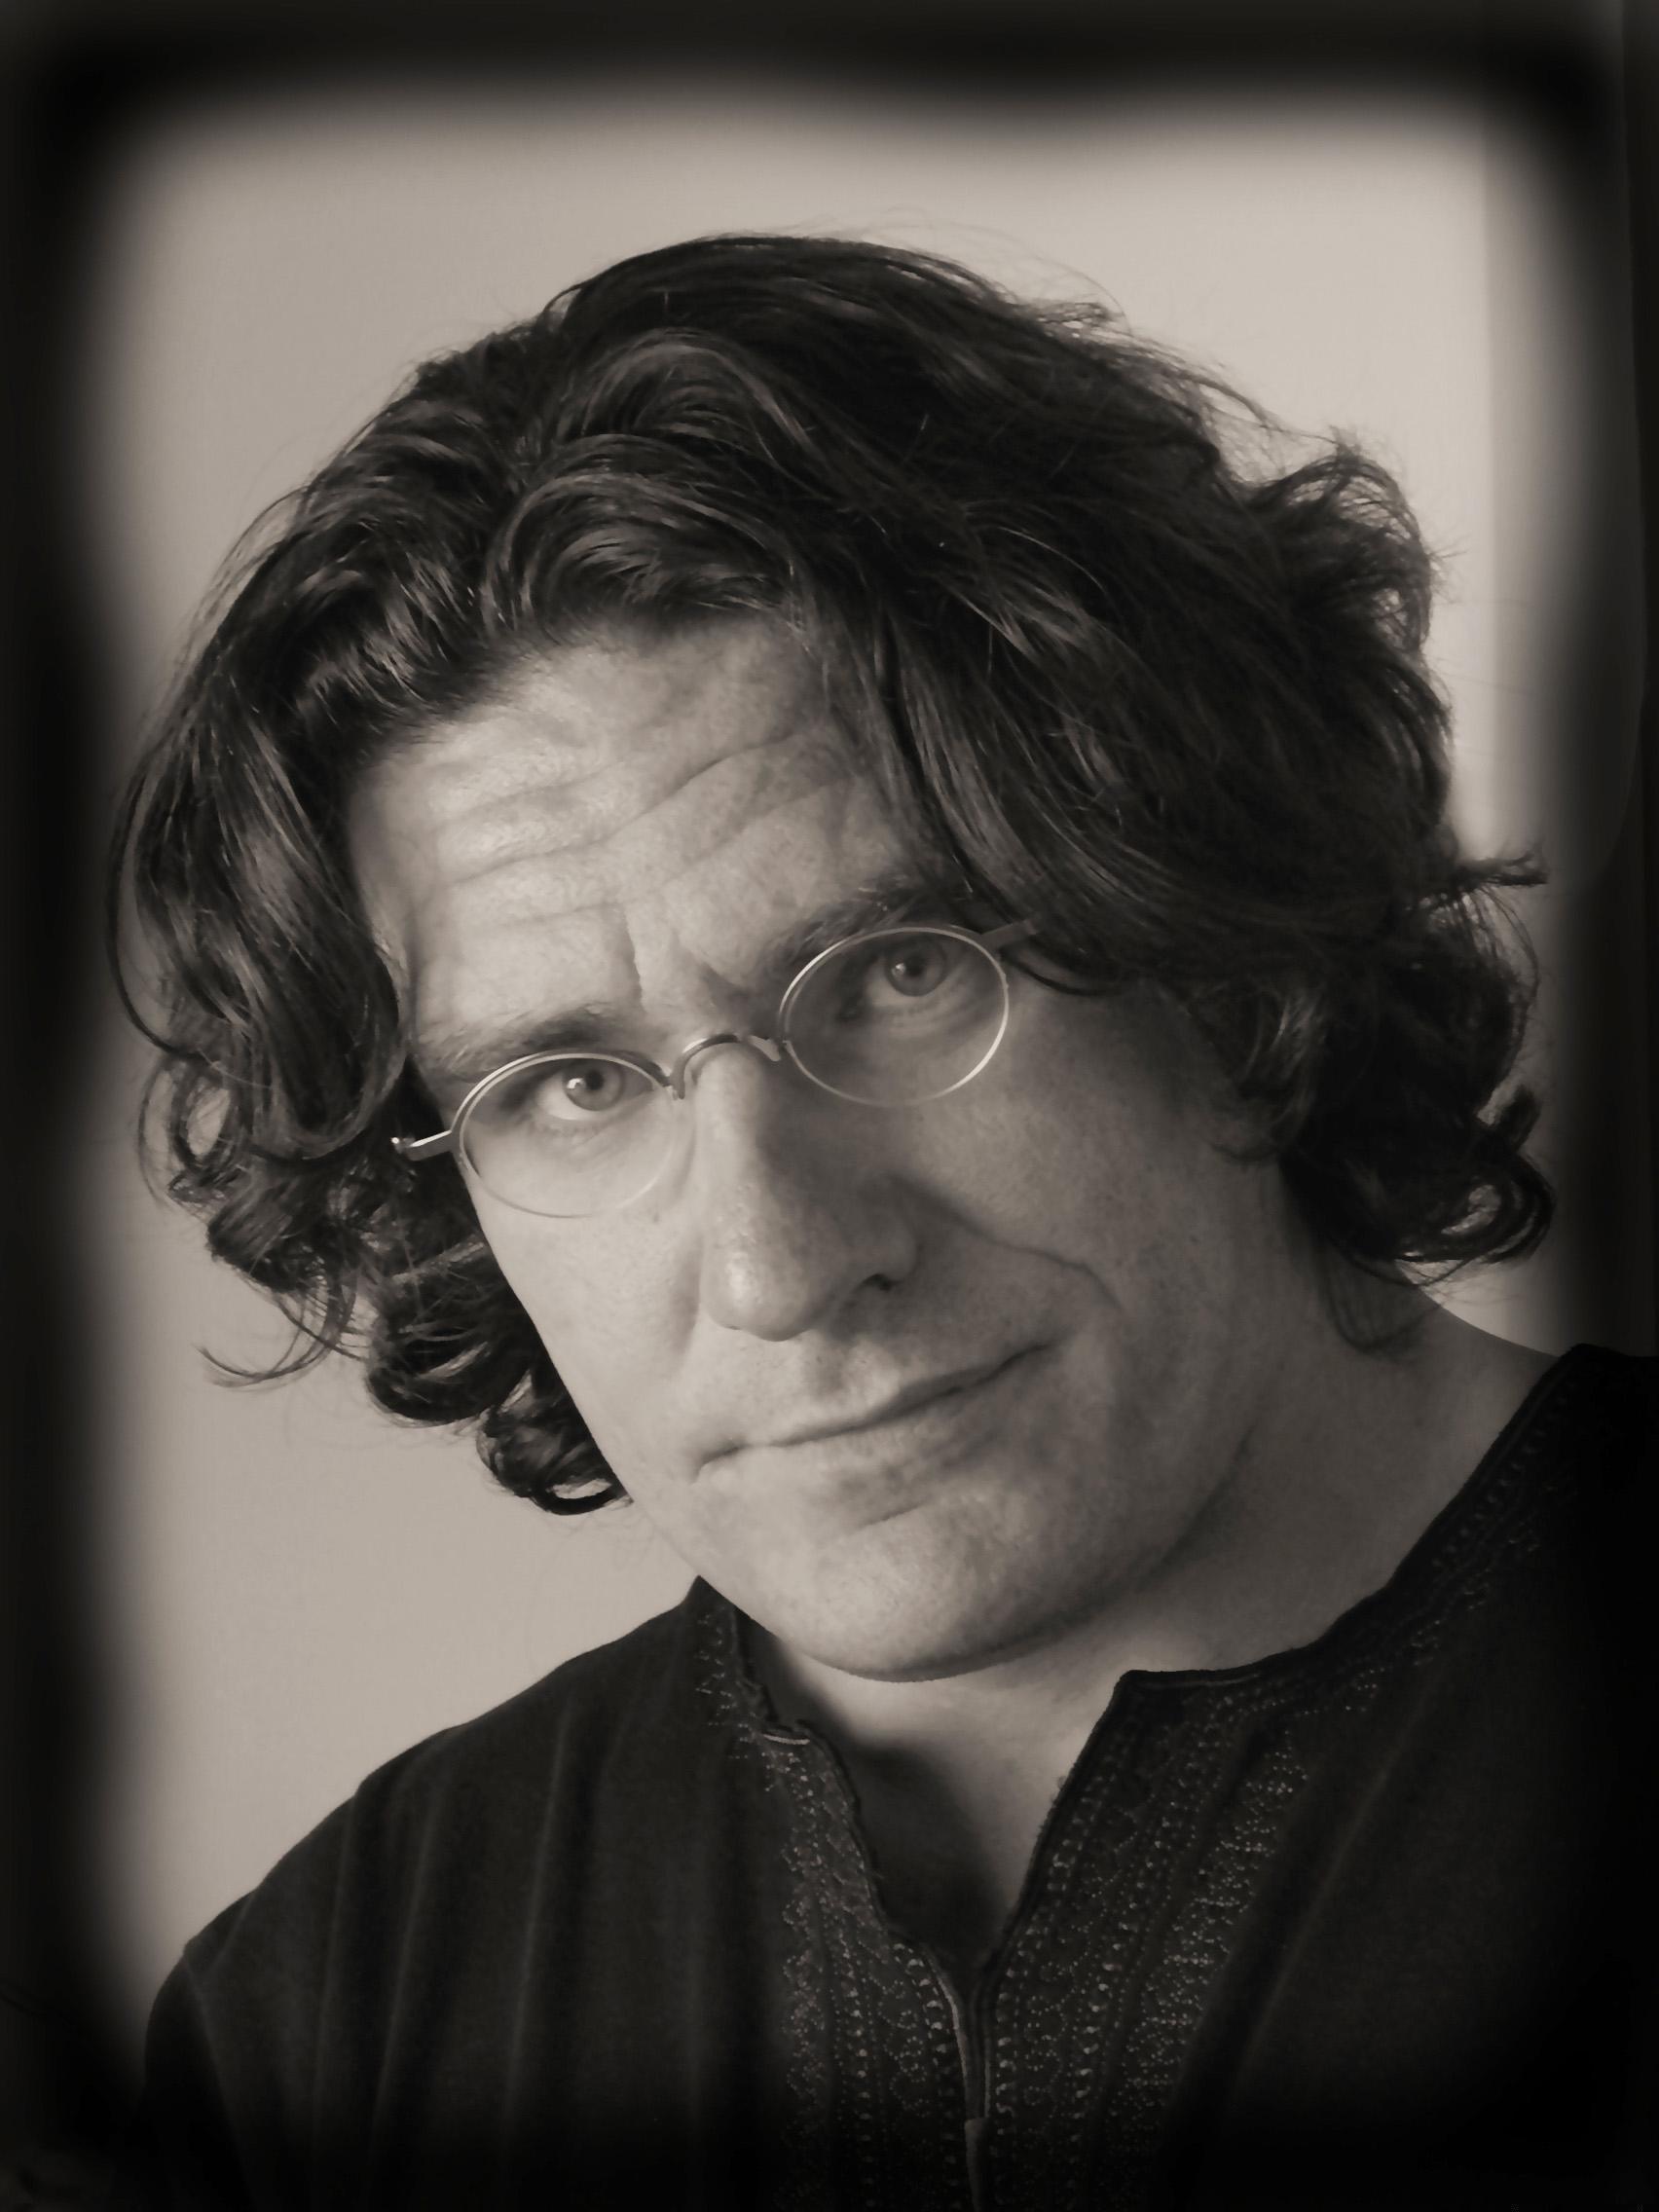 Jeff Vezina